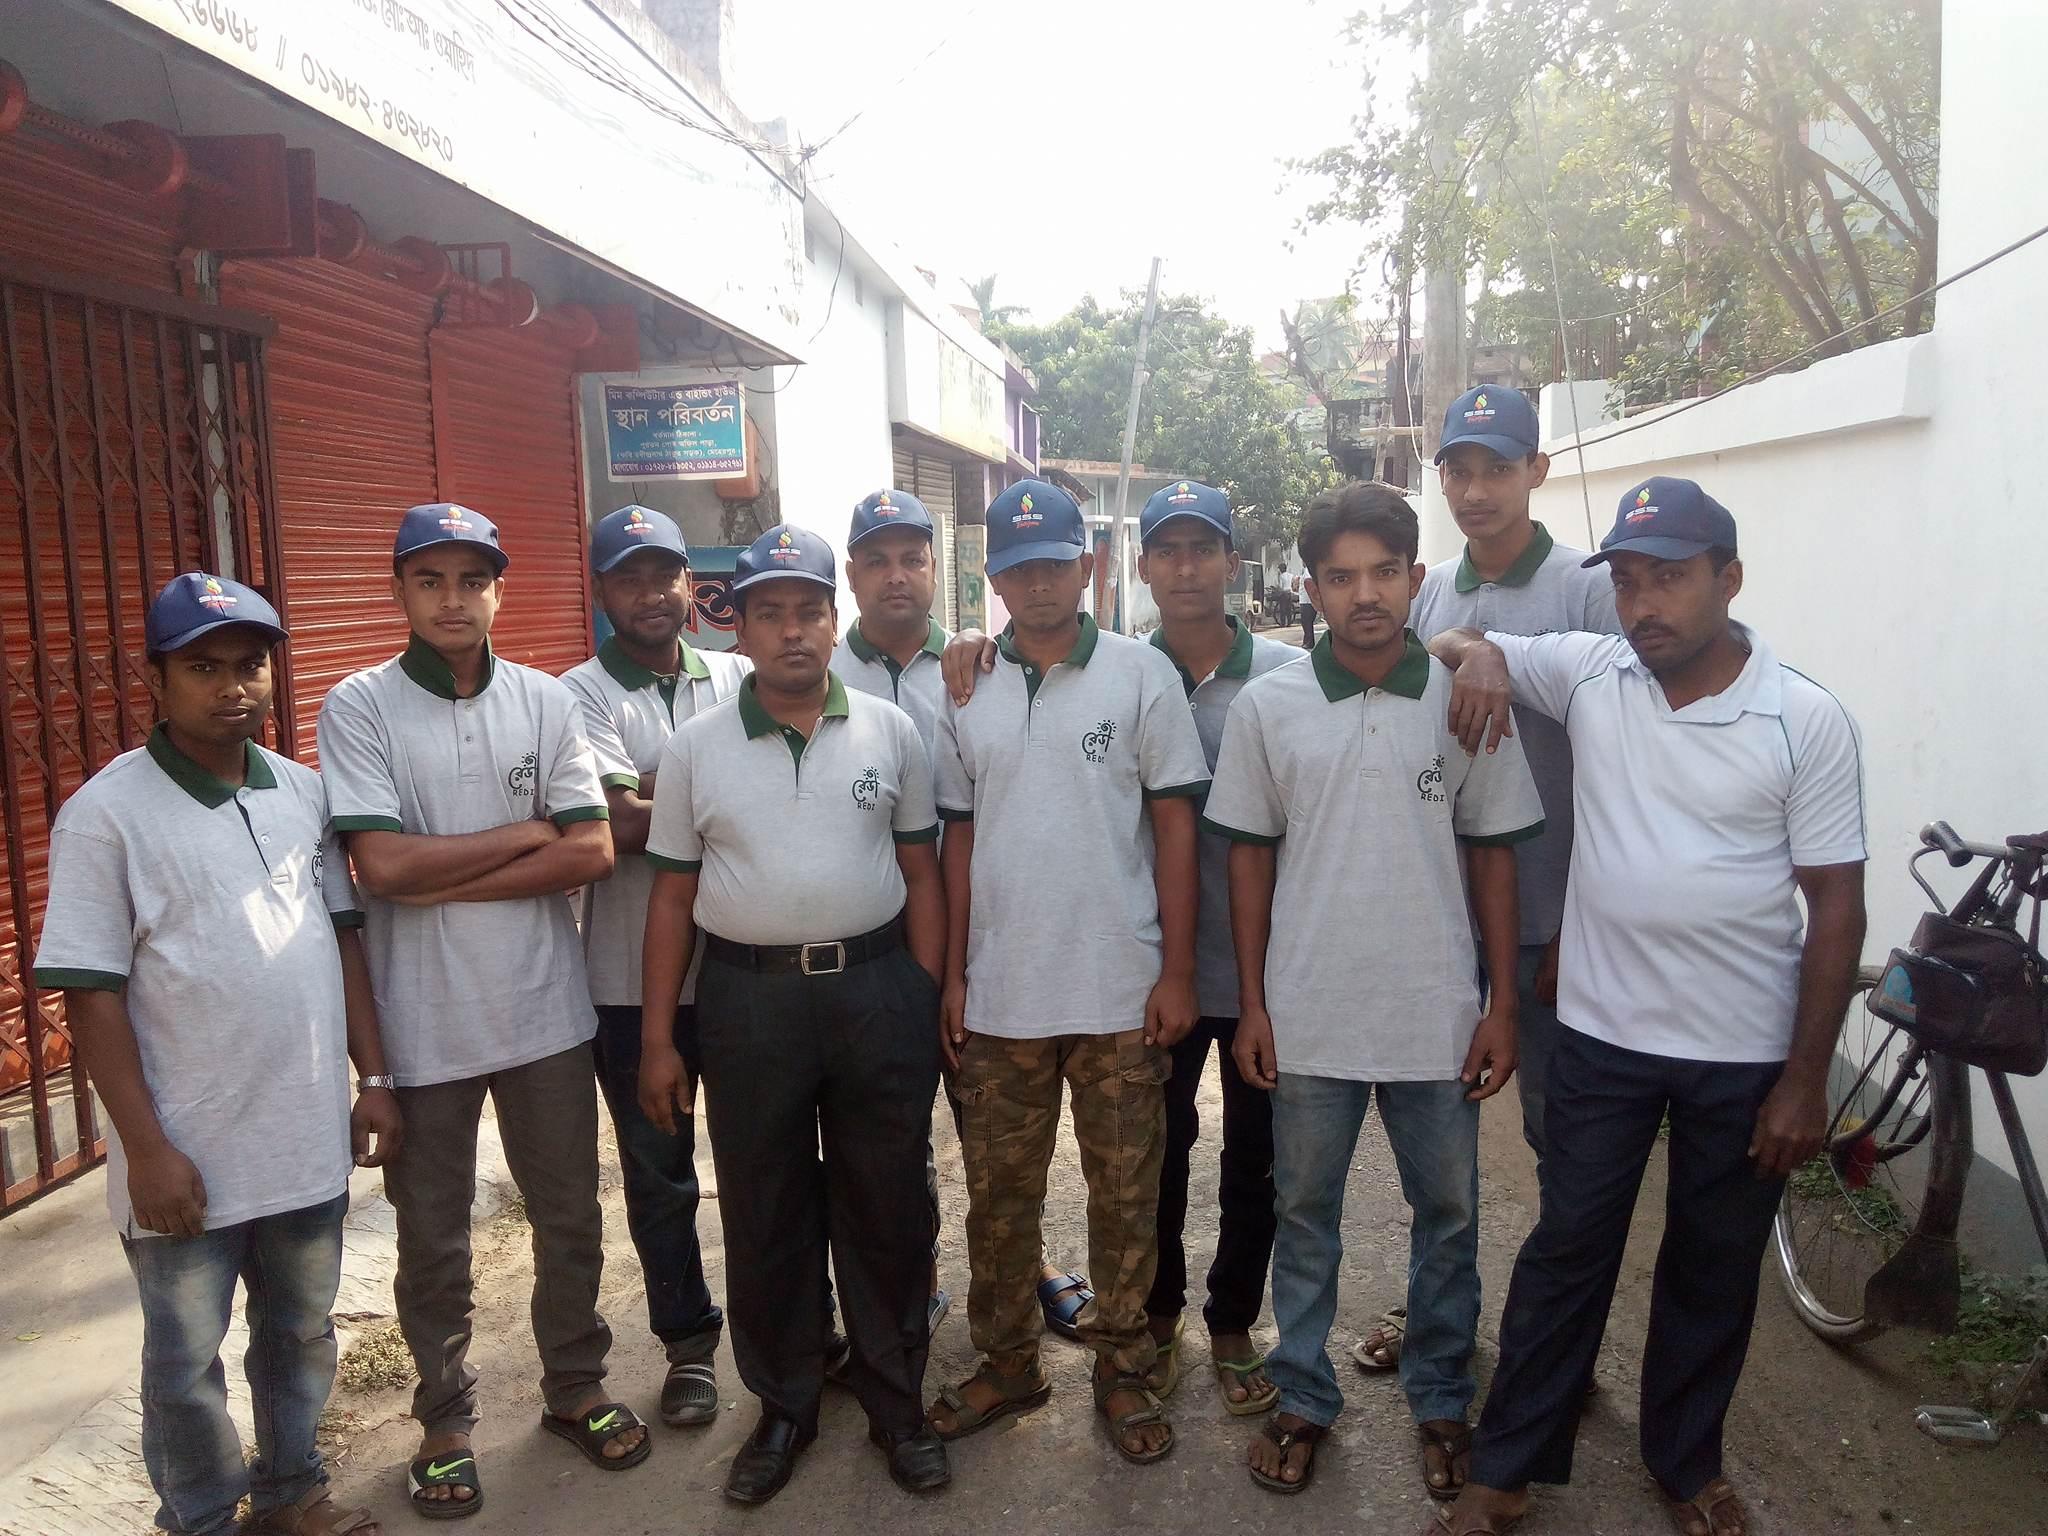 redi installation team Meherpur